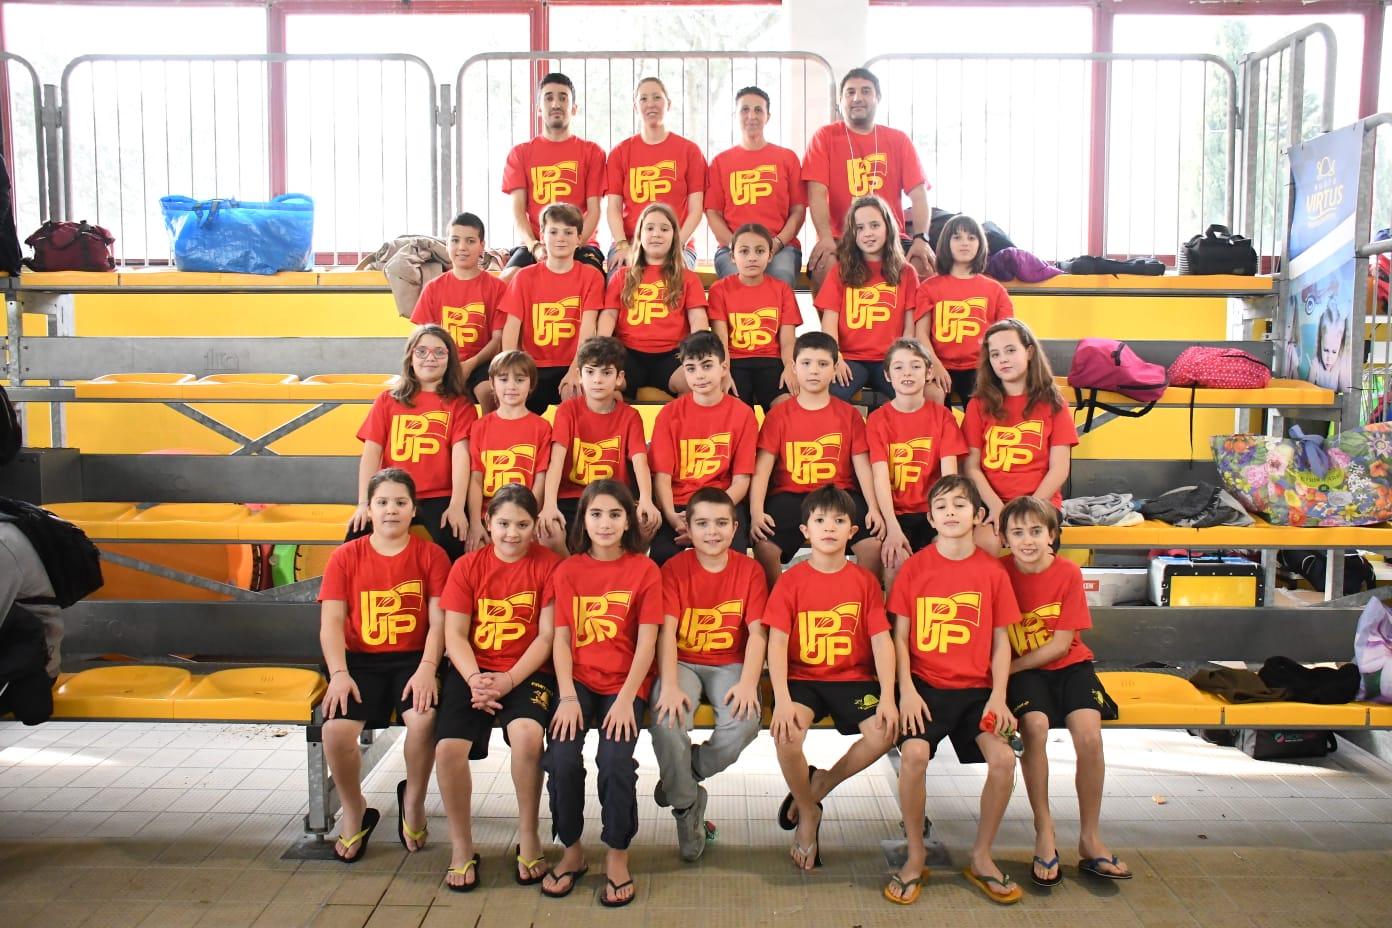 3° posto a squadre al Campionato Regionale Invernale Salvamento Esordienti A e B